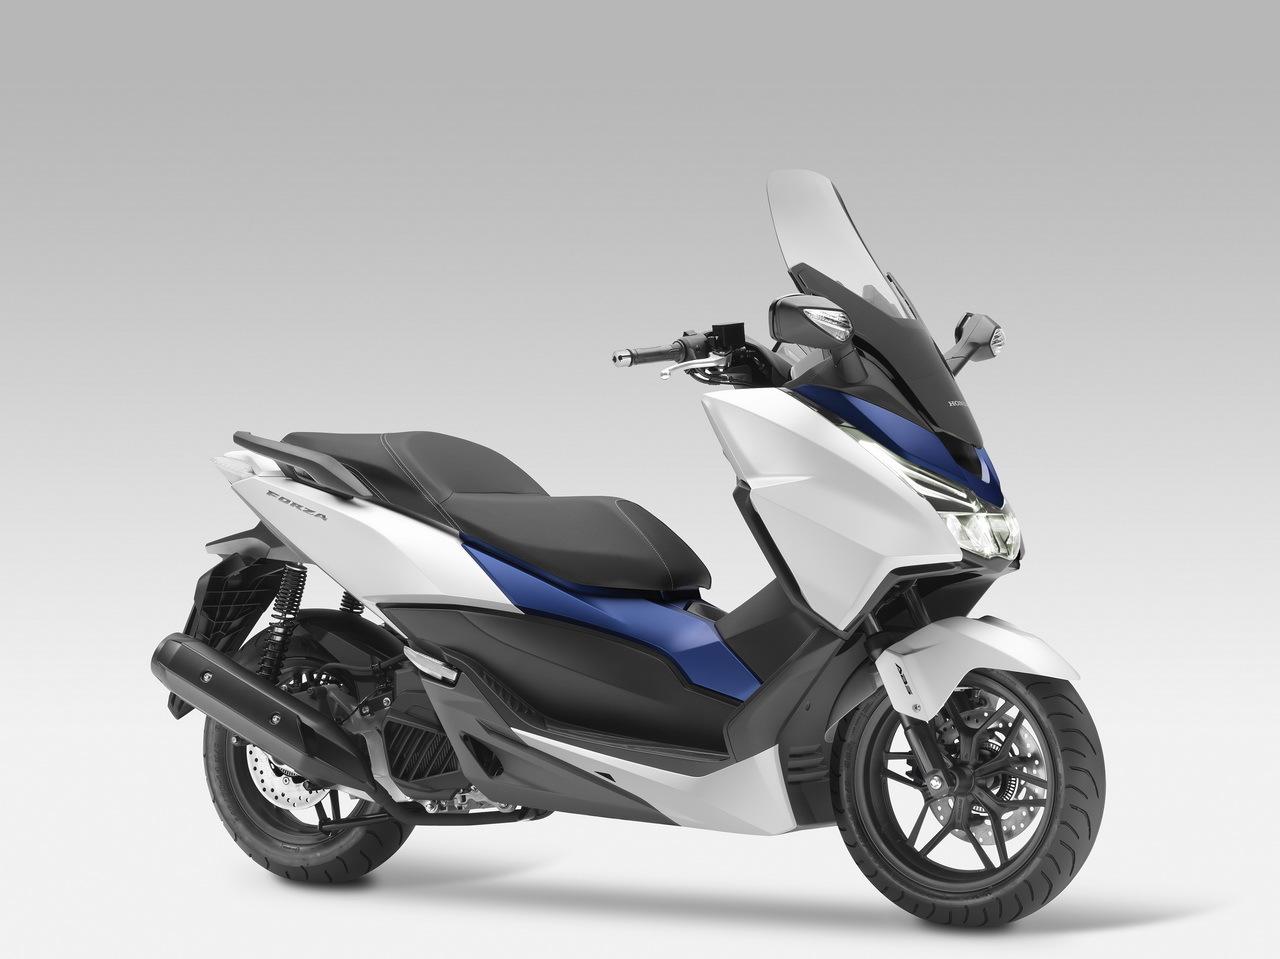 Honda Forza 125 Honda-Forza-125-2015-02